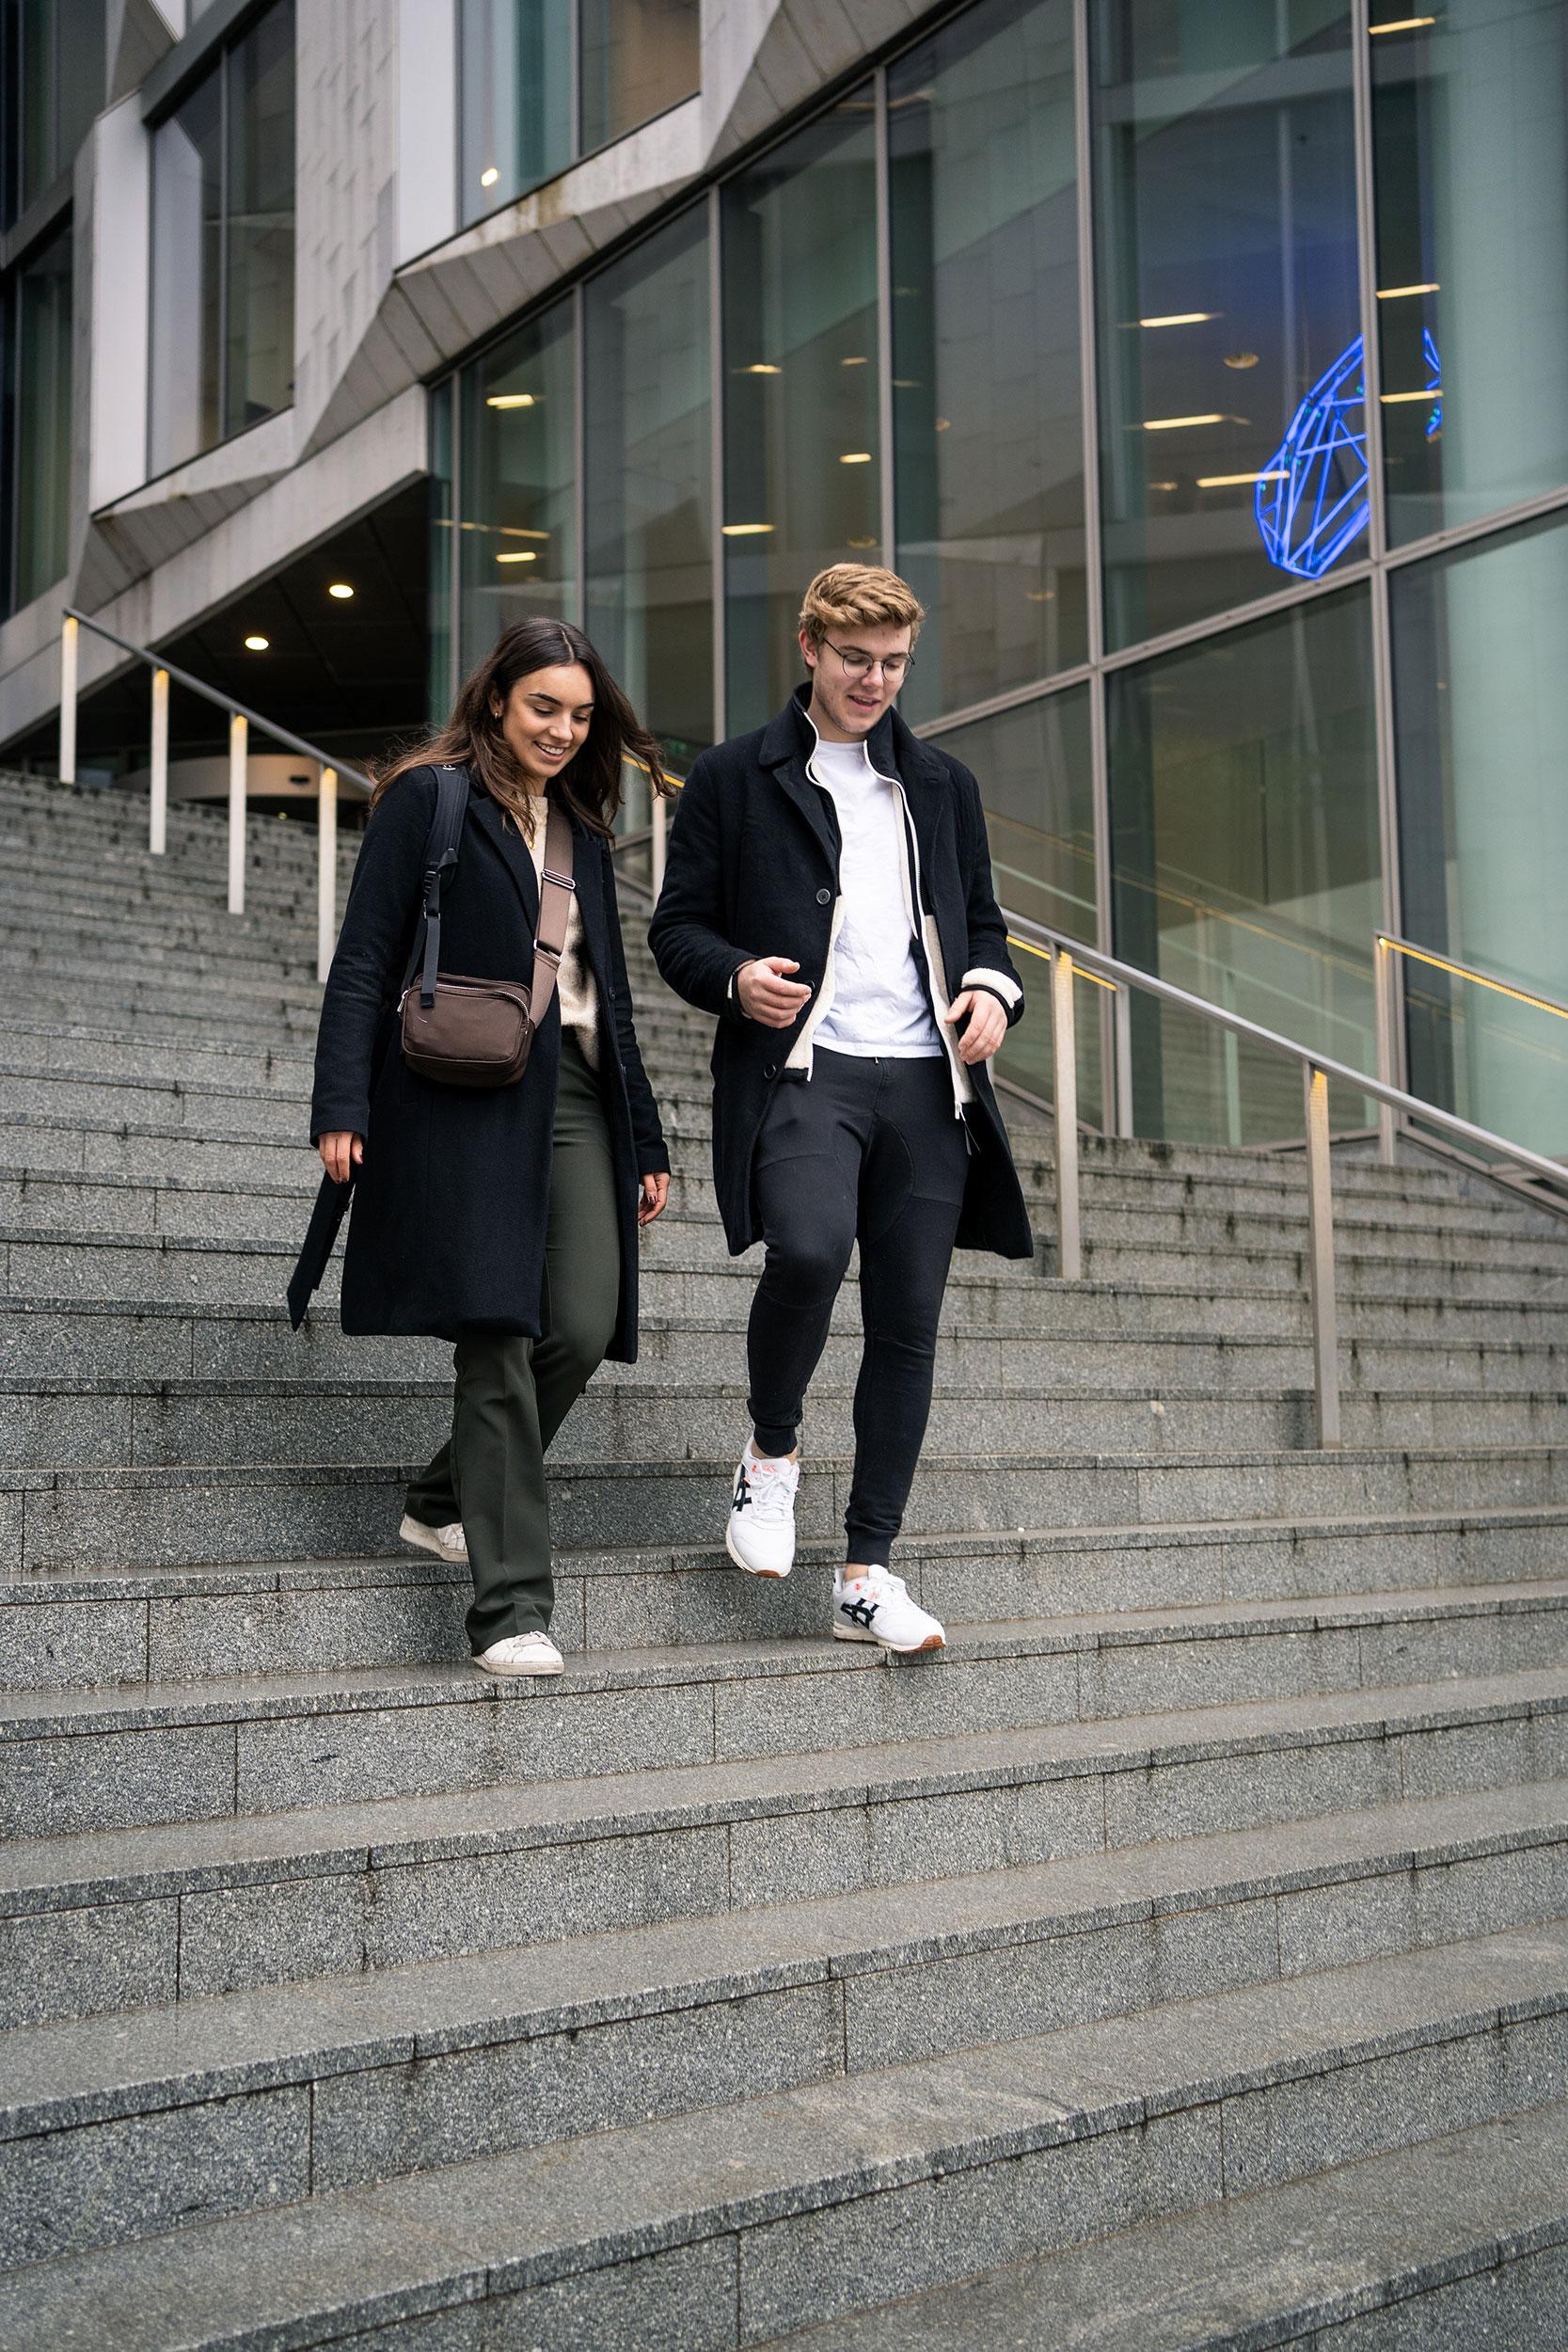 To kursister på trappe